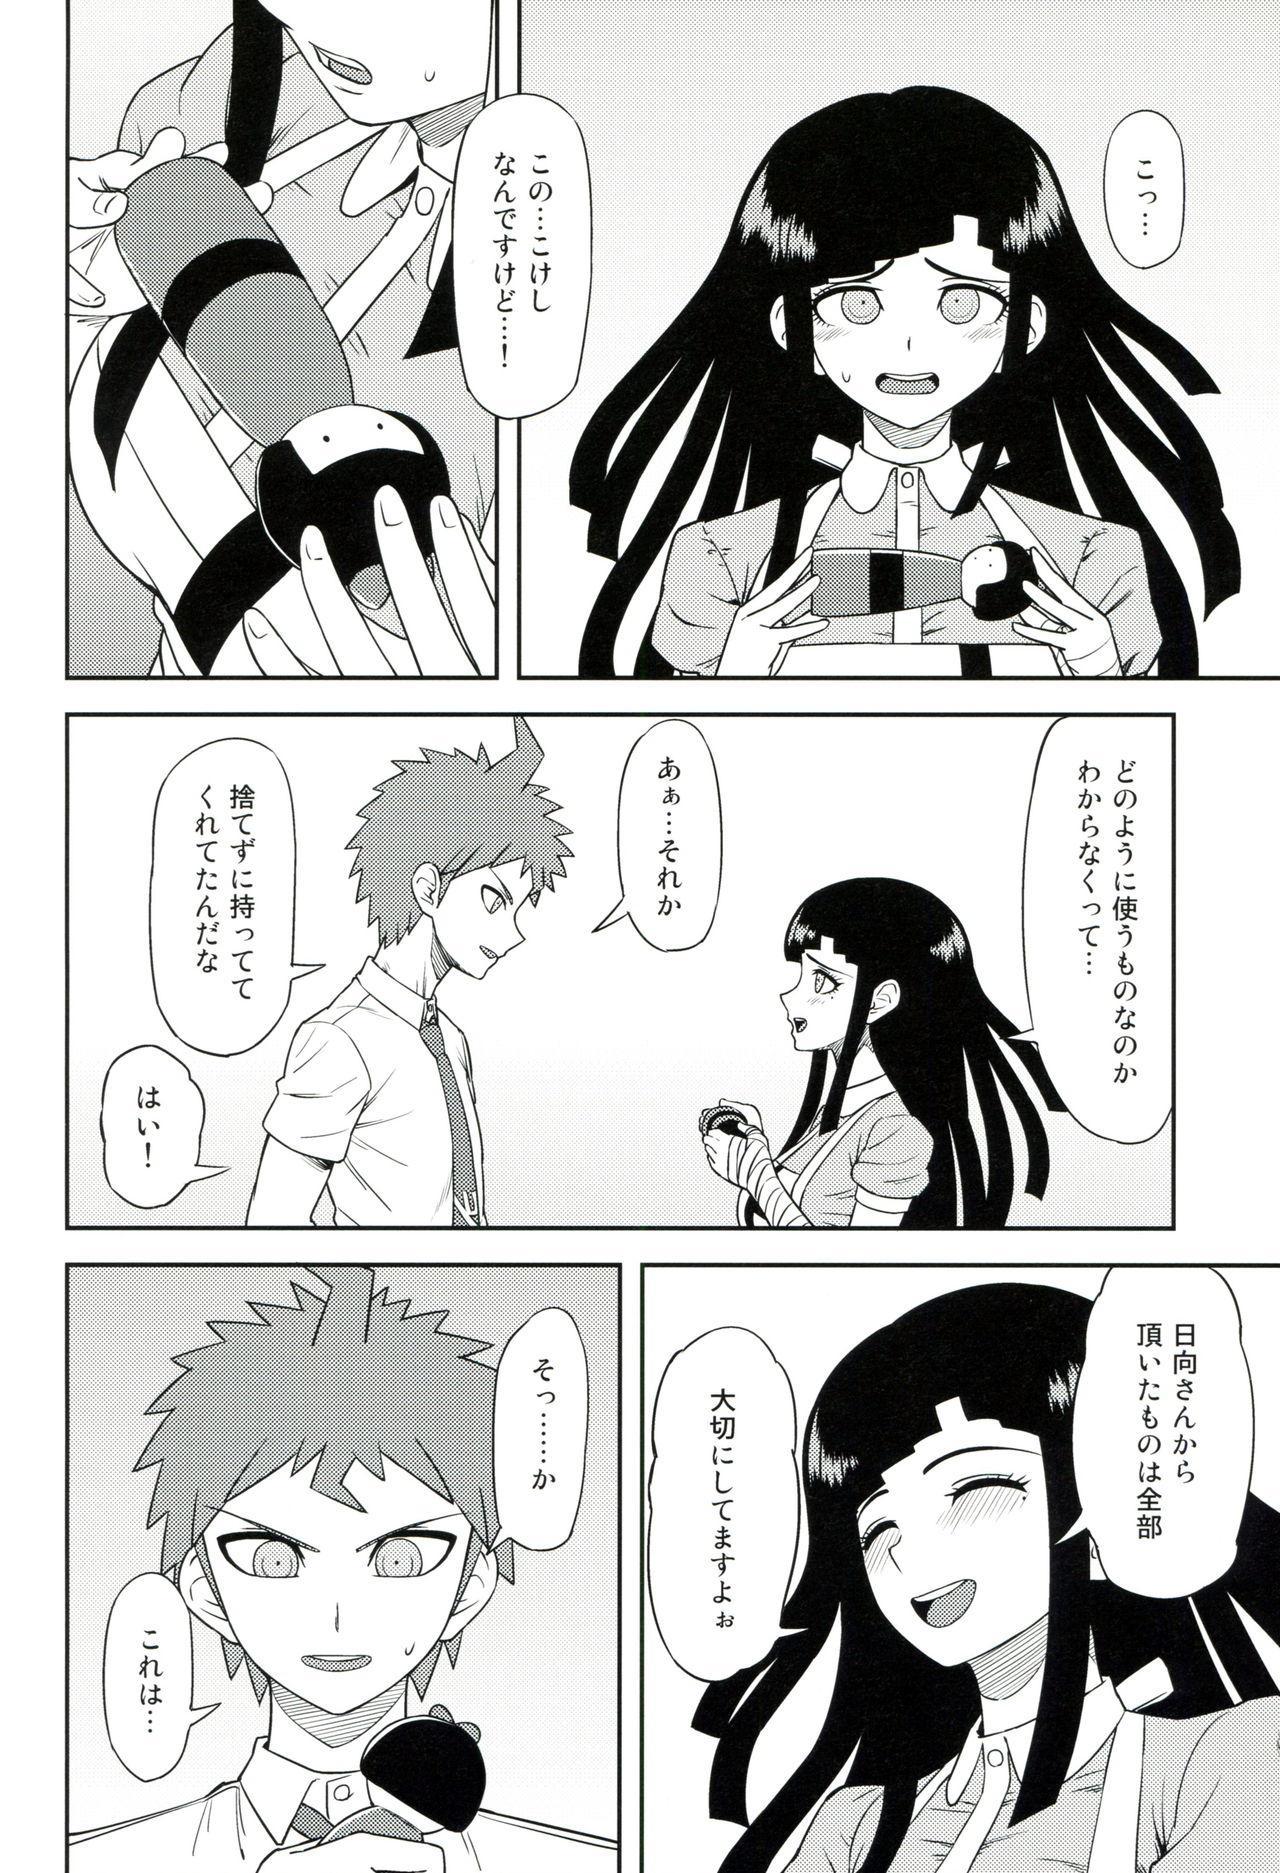 Honto no Tsumiki 2